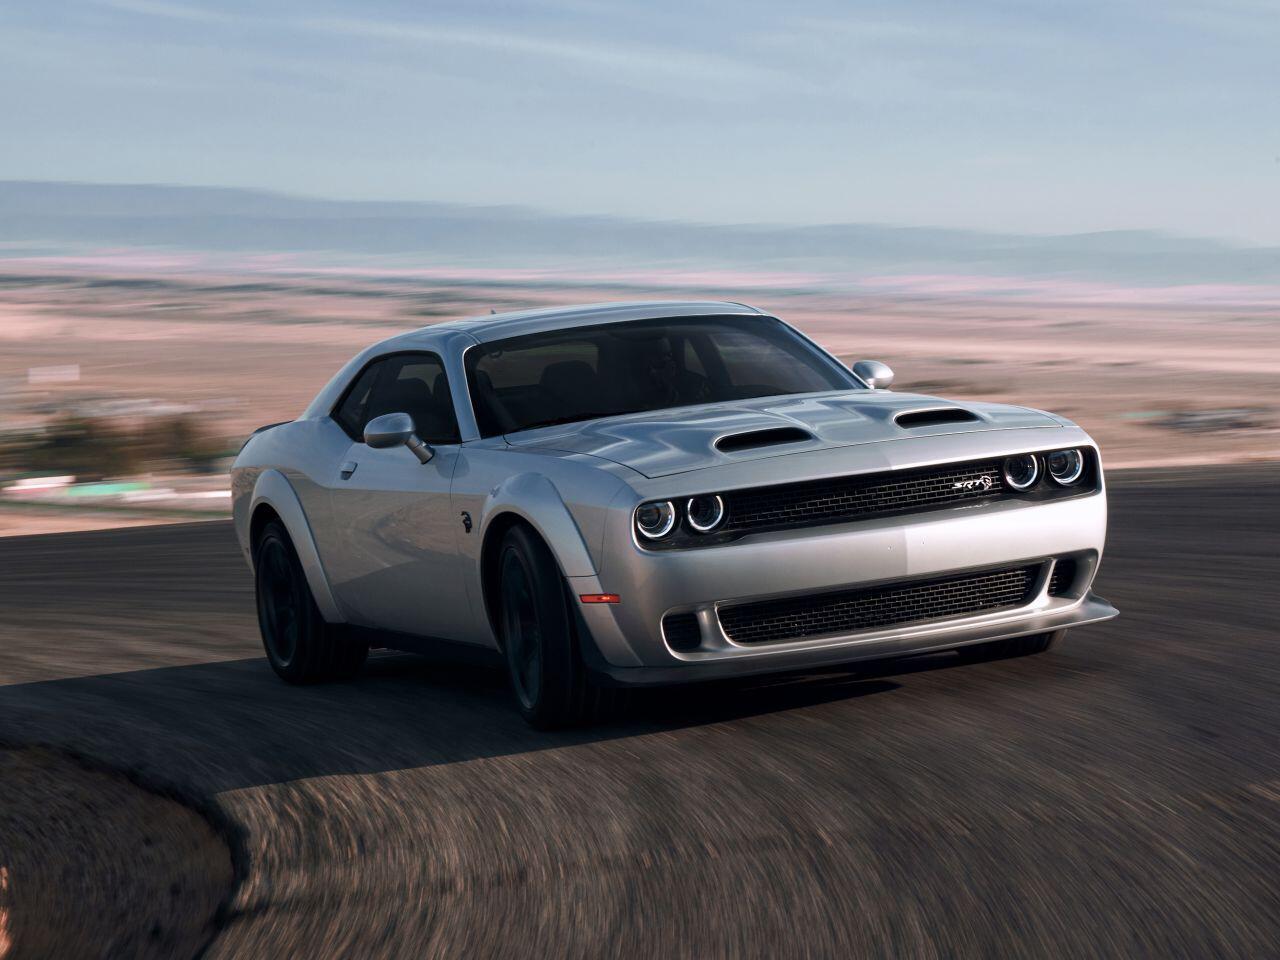 Bild zu Pure Gewalt mit 808 PS: Der neue Dodge Challenger SRT Hellcat Redeye